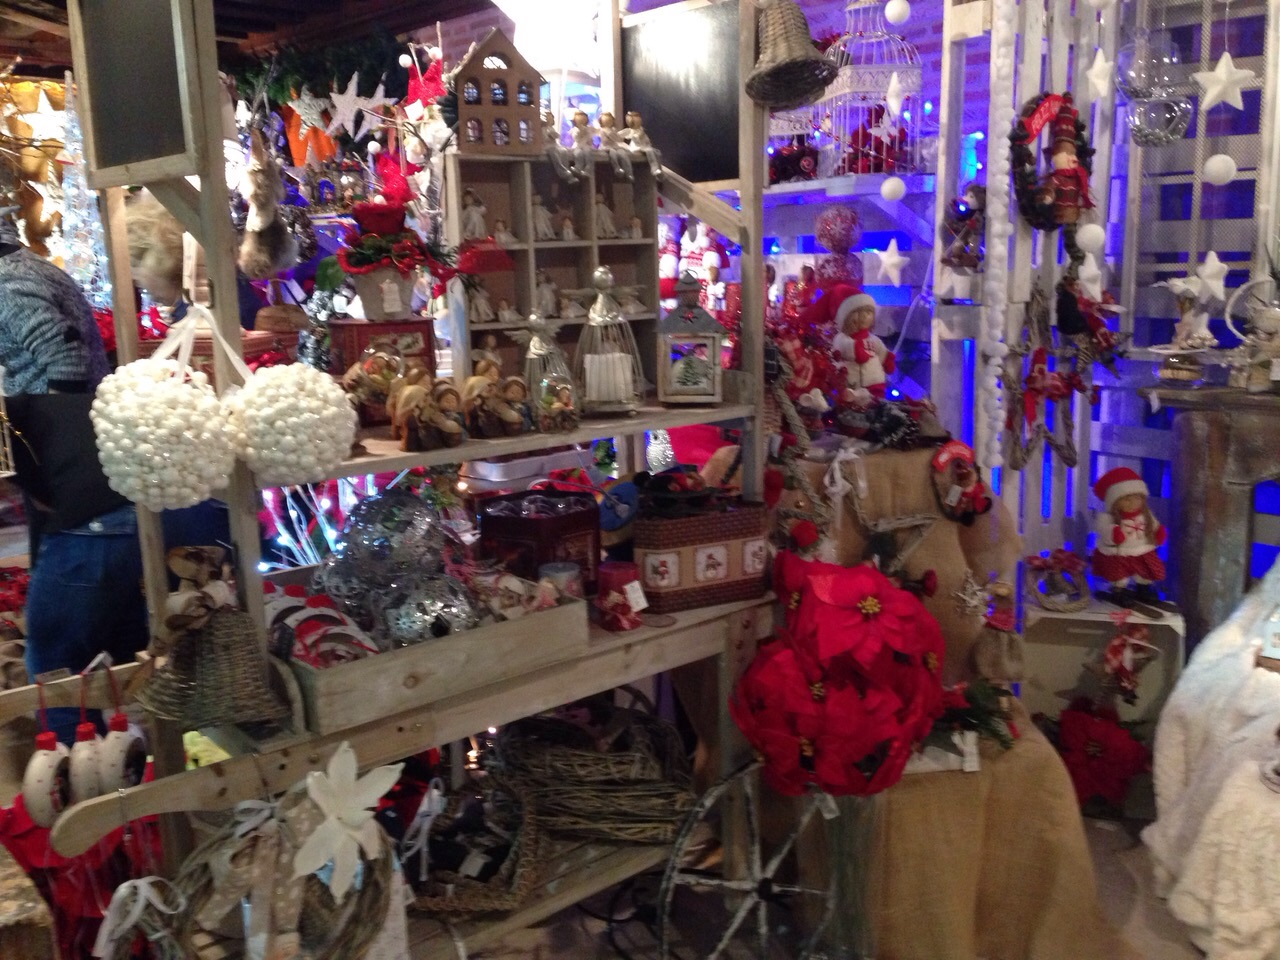 Detalles florales navidad